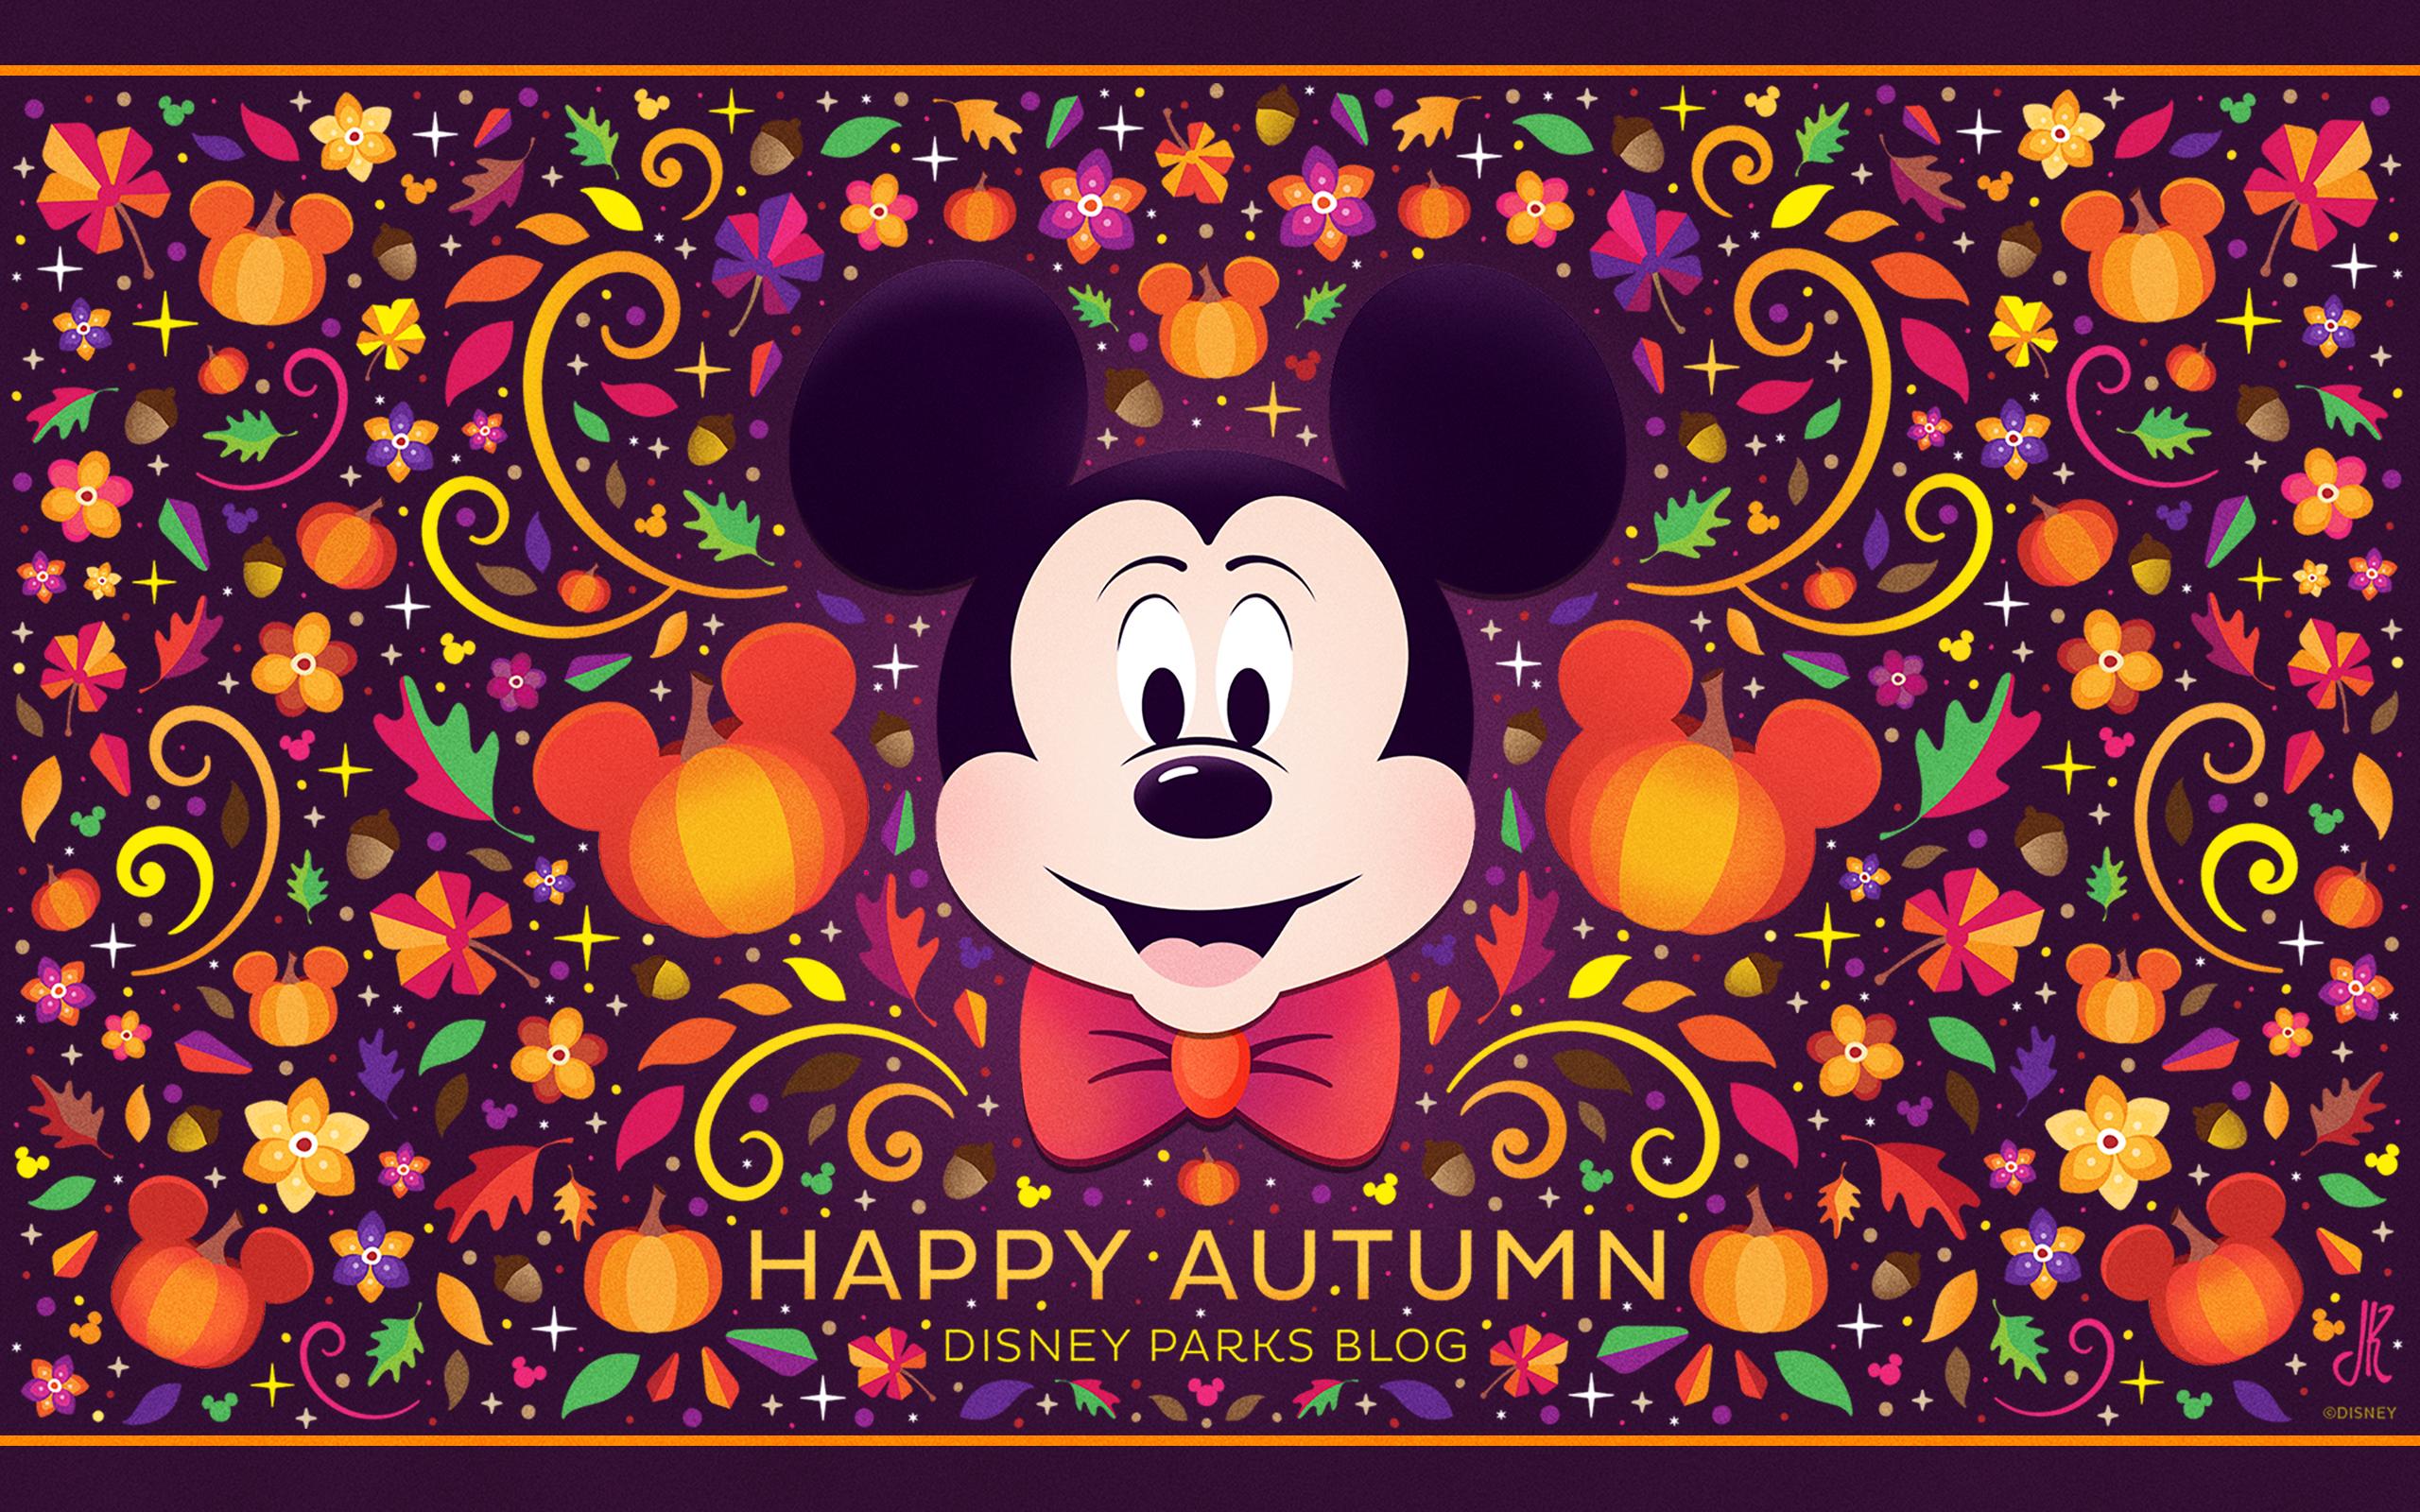 Disney Parks Blog Wallpaper Halloween 2560x1600 Download Hd Wallpaper Wallpapertip